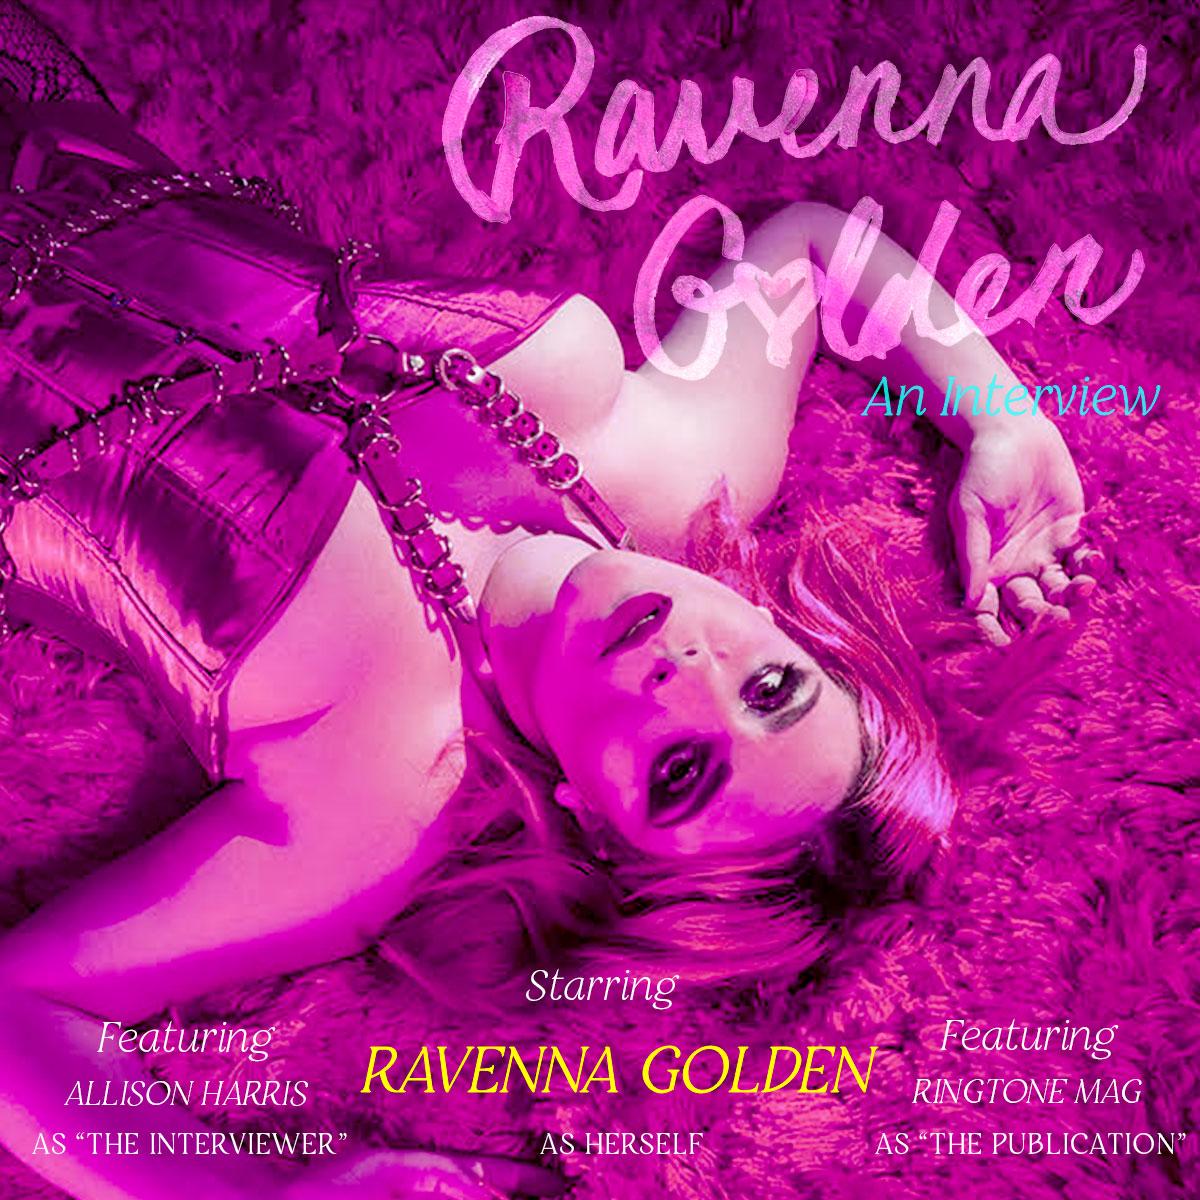 """PREMIERE: Ravenna Golden's """"Girlfriend Sucks"""" Embodies Her Music's Pop-Punk Roots"""